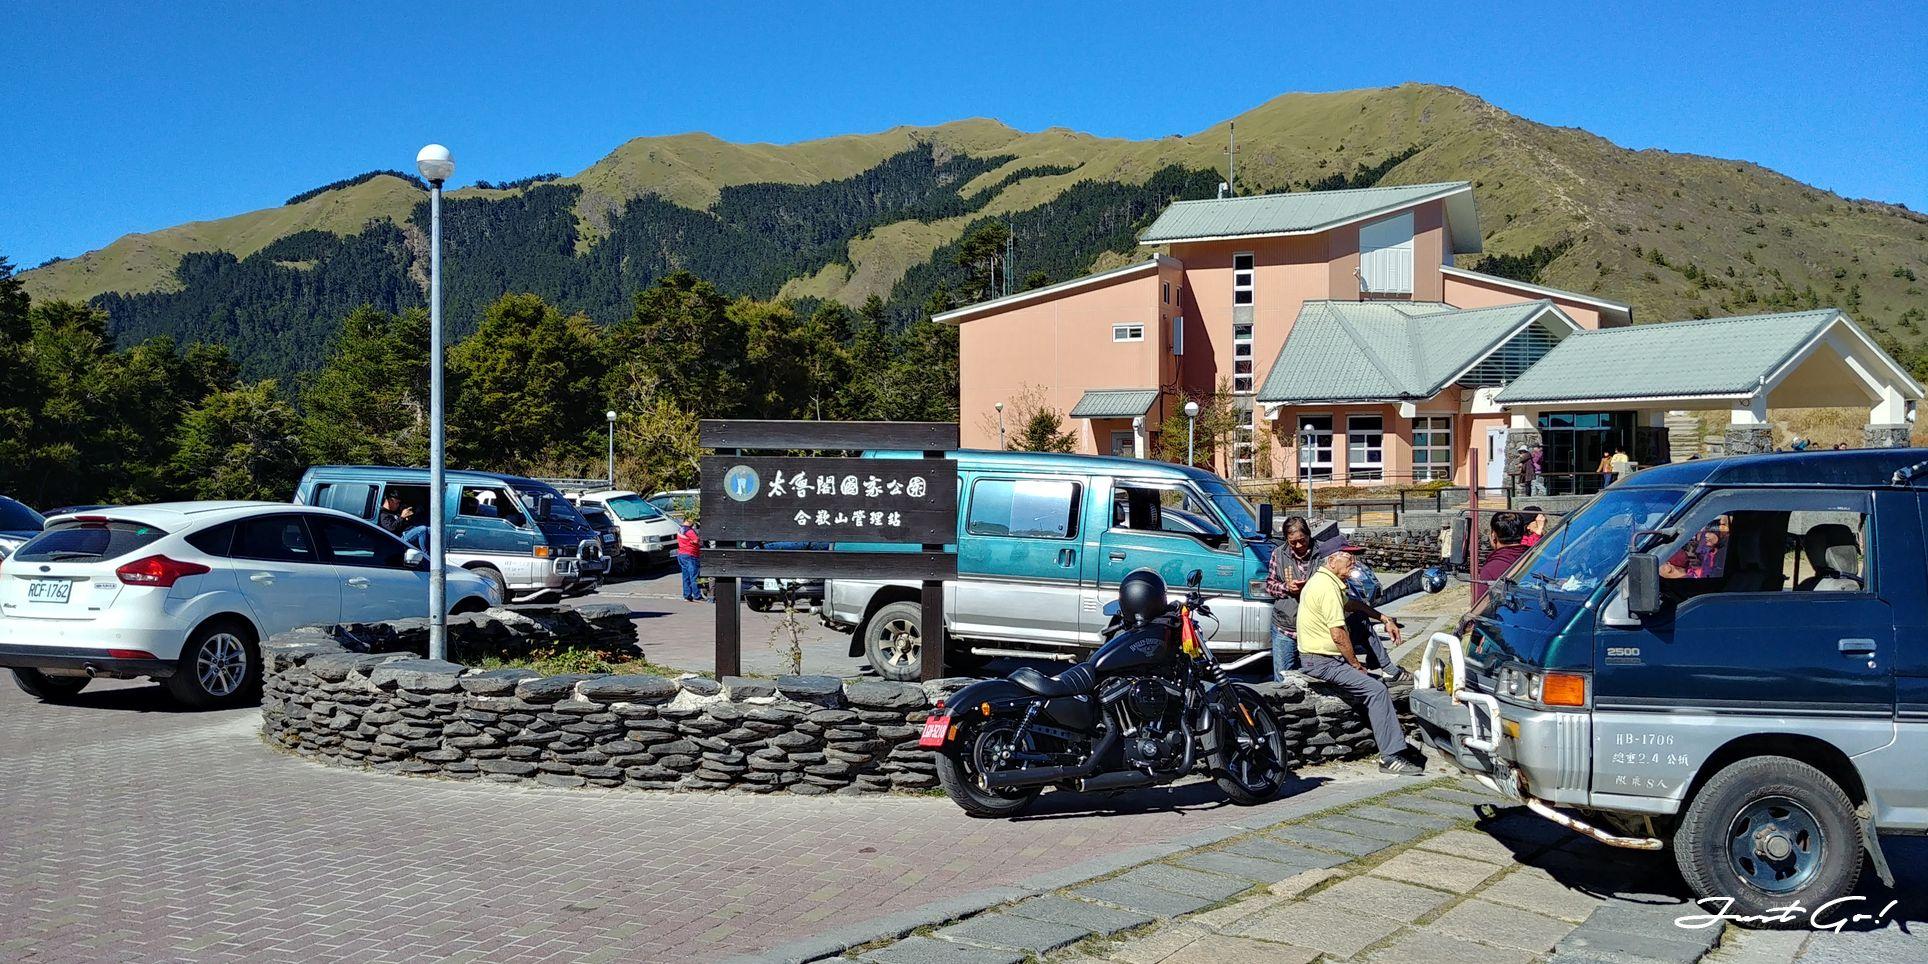 一日百岳·9小時單攻合歡西峰北峰-地圖gpx、行程規劃、申請、登山口49